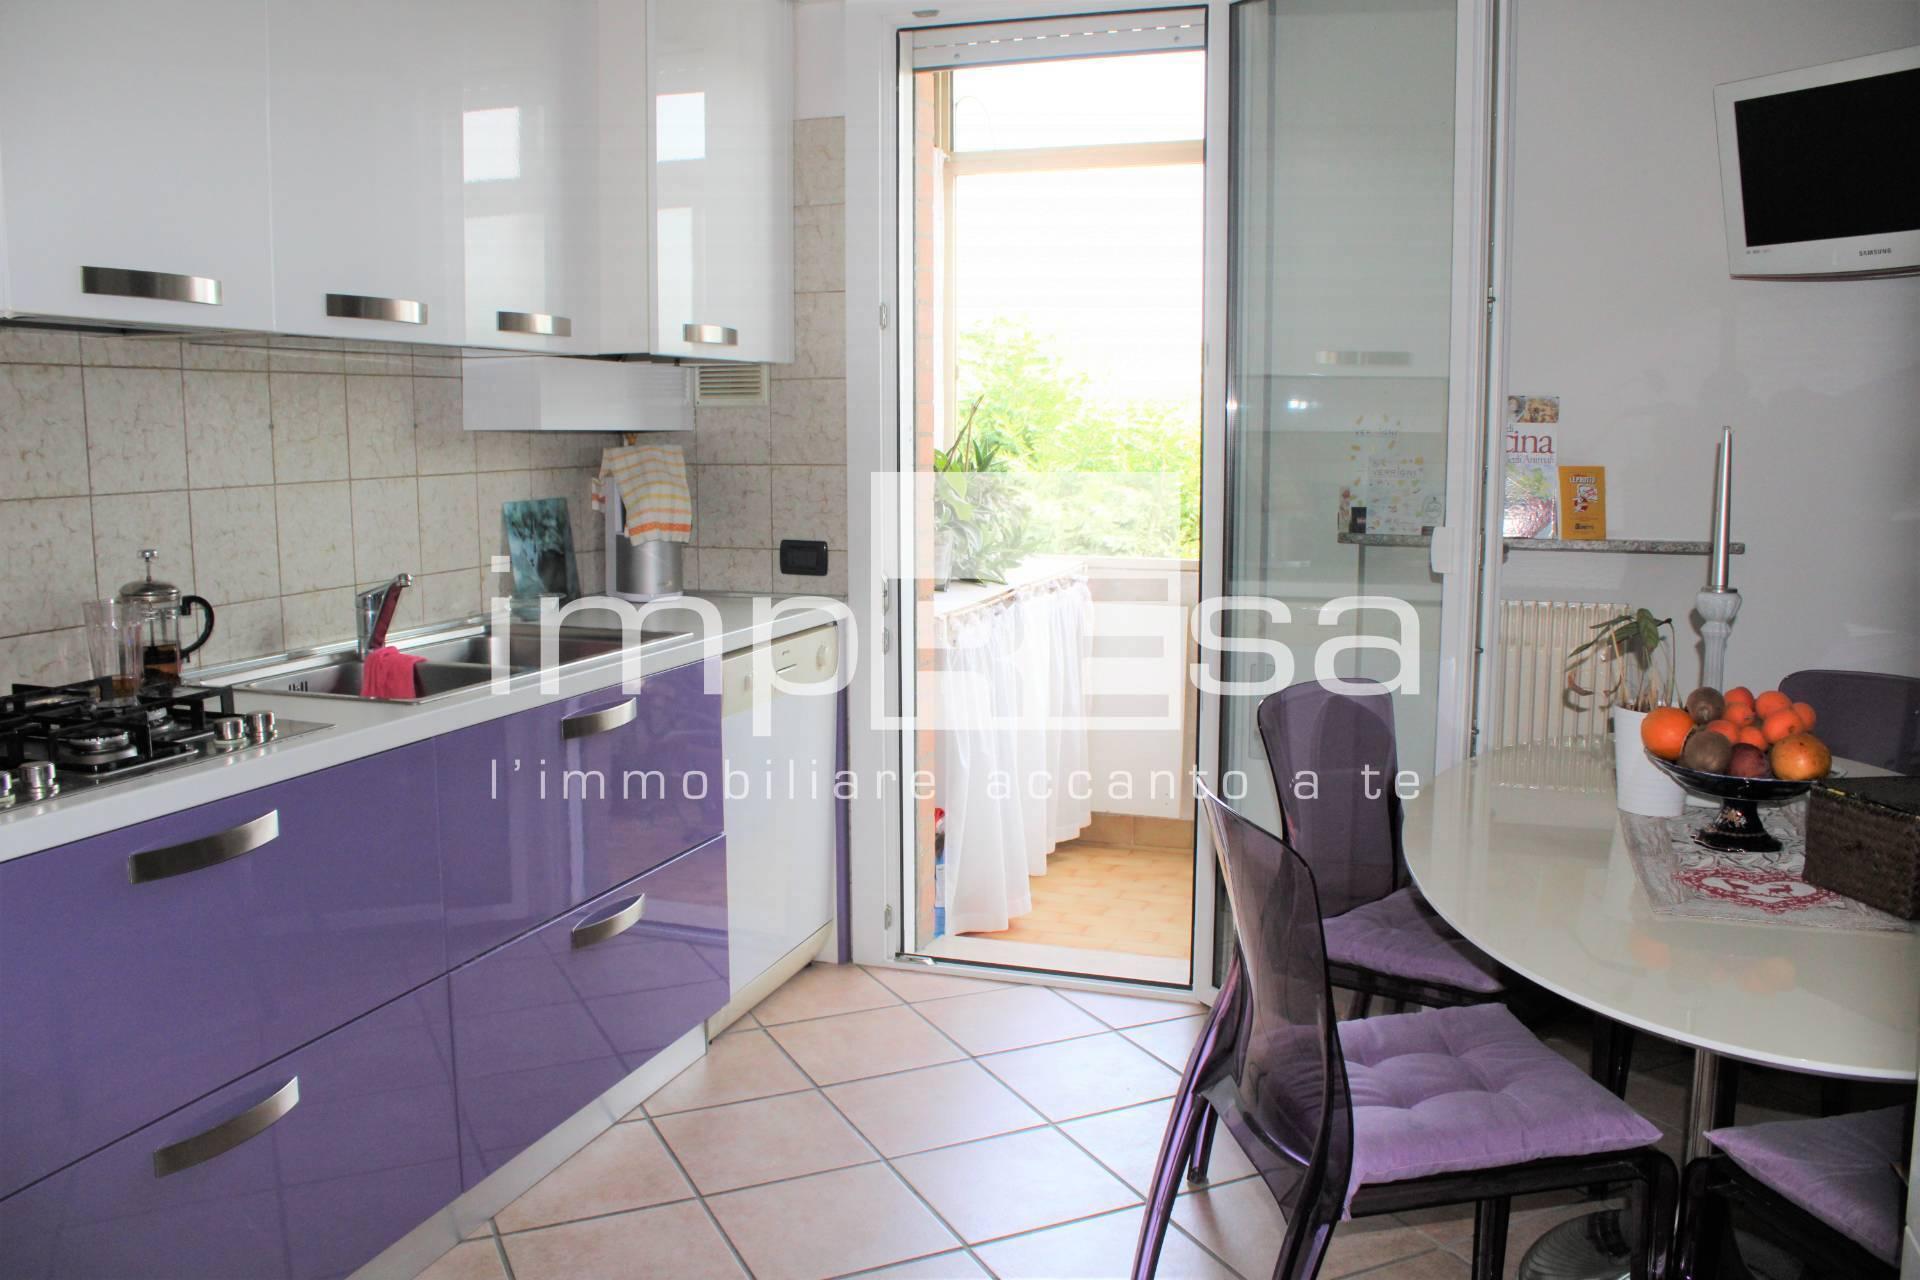 Appartamento in vendita a Preganziol, 4 locali, prezzo € 135.000   PortaleAgenzieImmobiliari.it